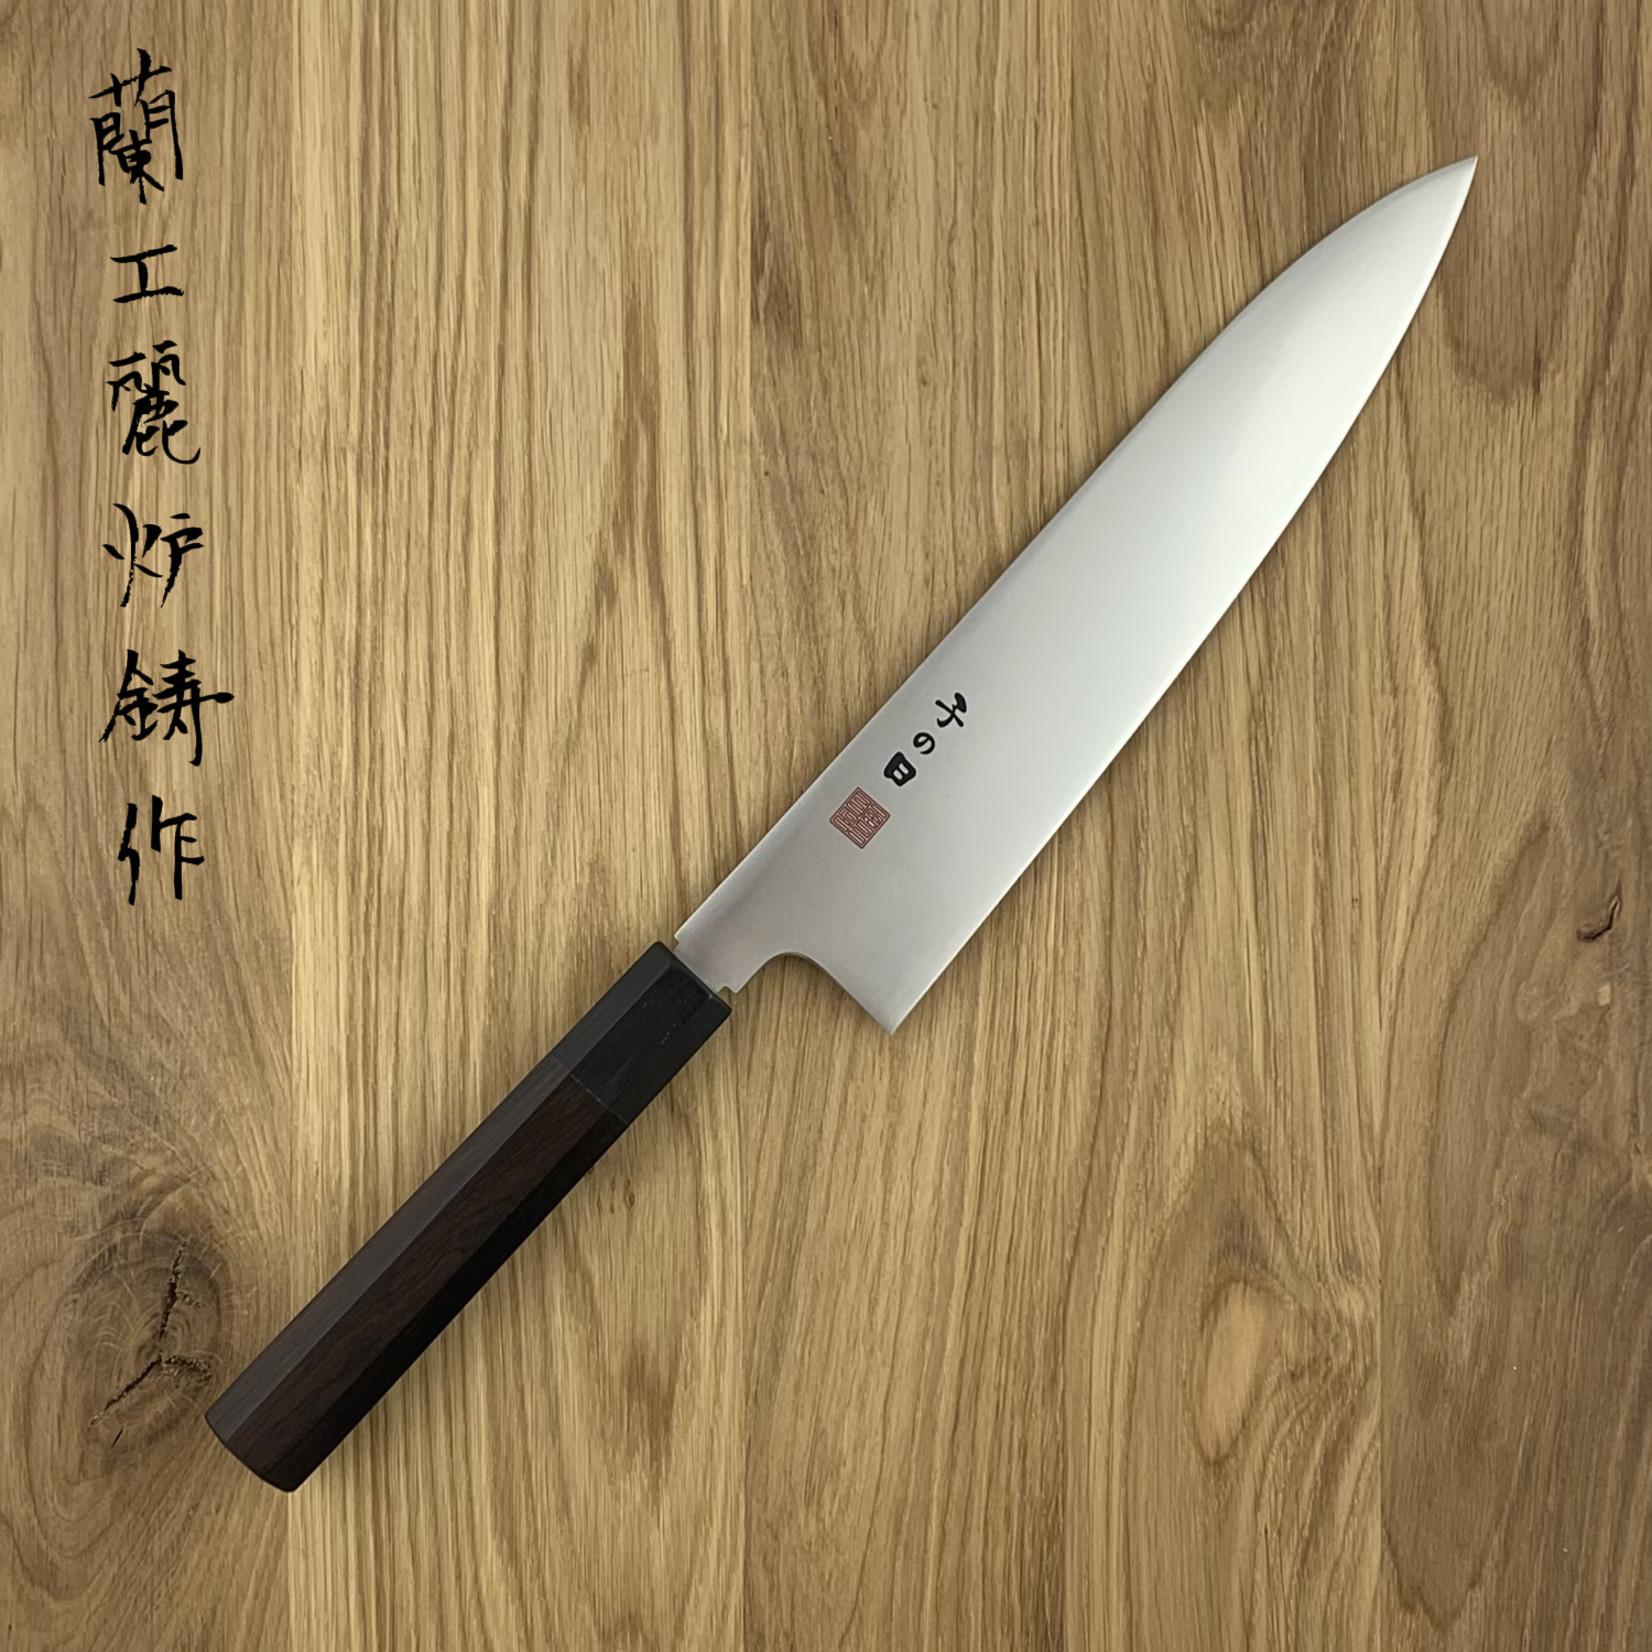 NENOHI Double edged Japanese  gyuto 240 mm octagonal ebony handle